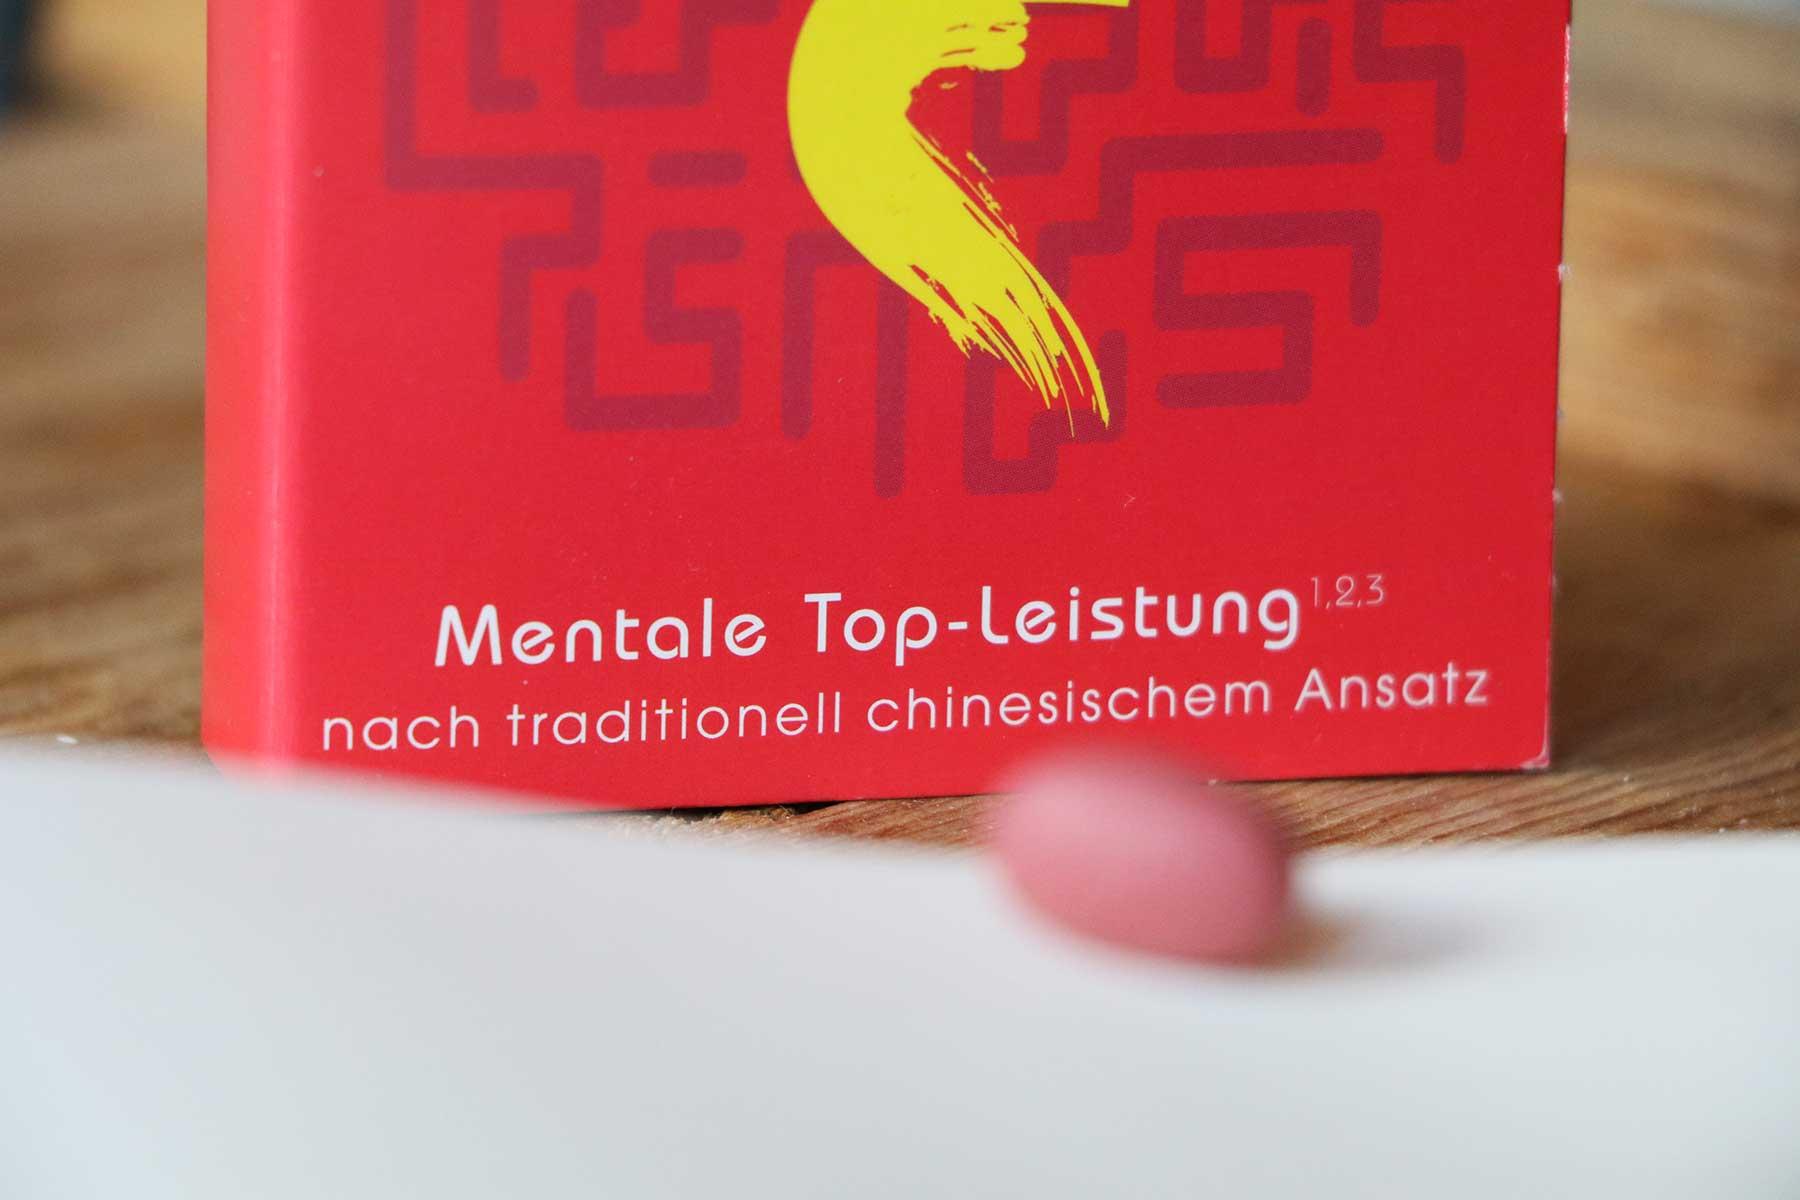 Wacher und konzentrierter: nao brain stimulation im Test nao-brain-stimulation-test_05